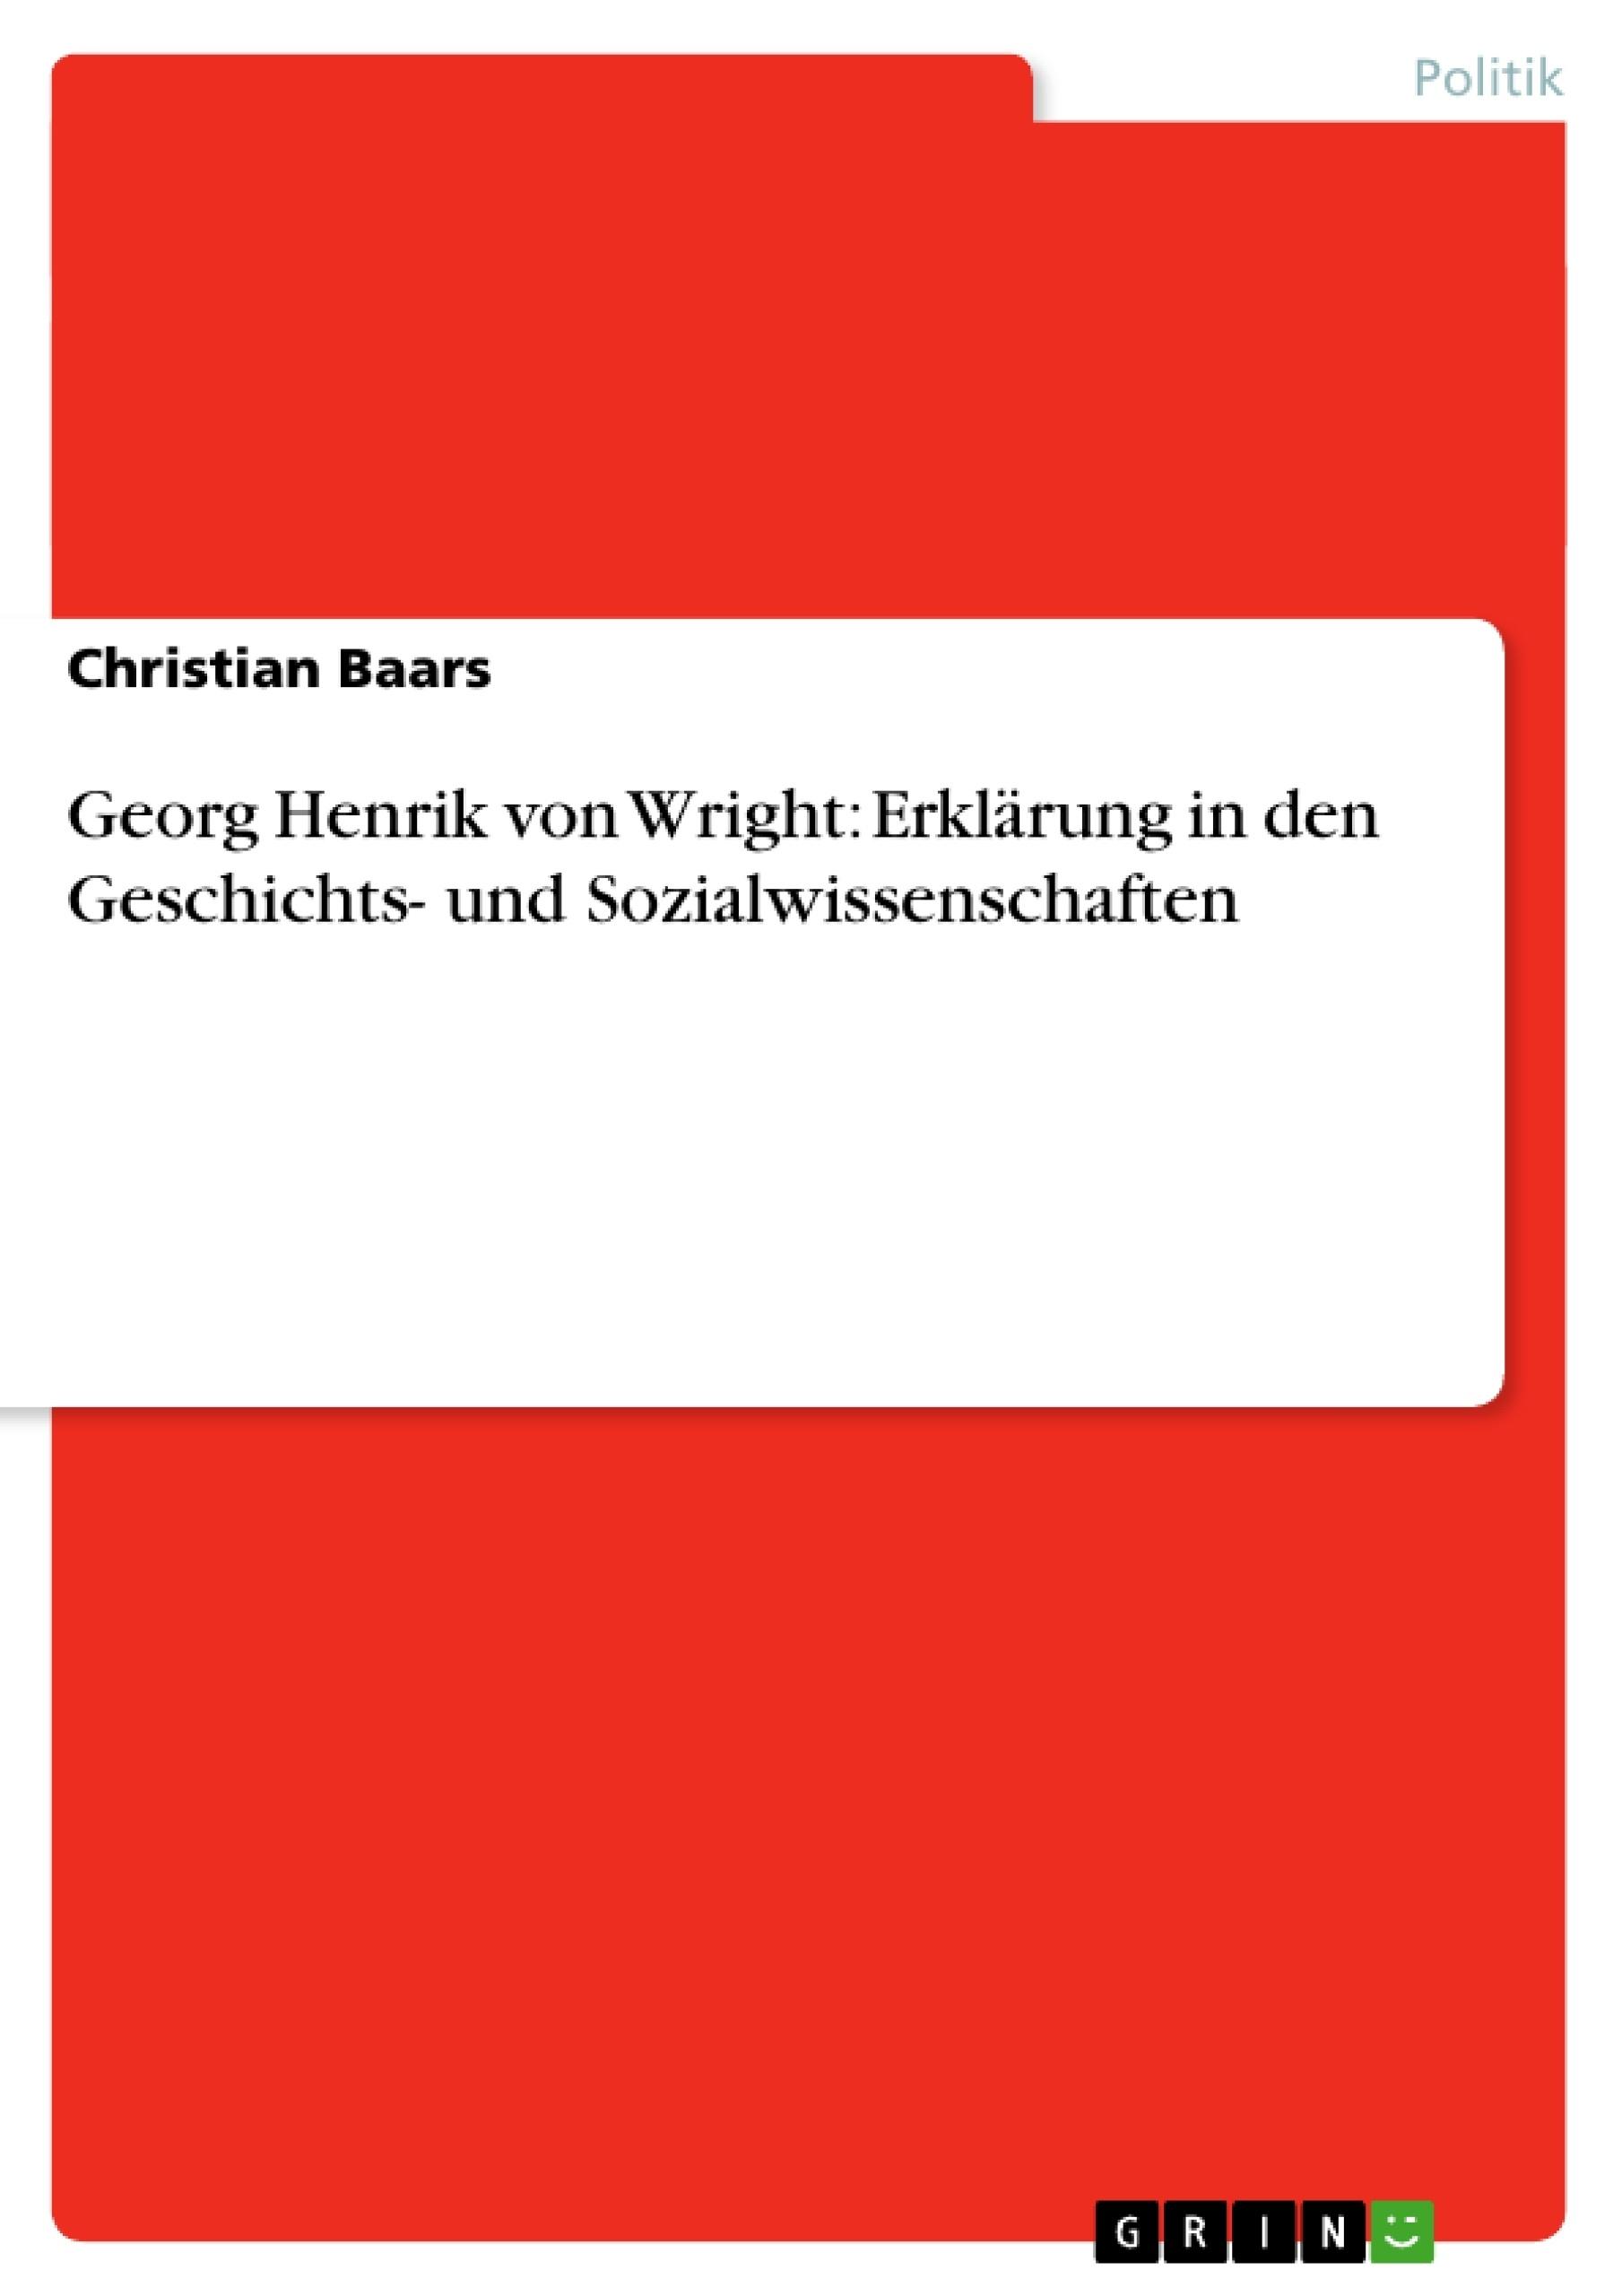 Titel: Georg Henrik von Wright: Erklärung in den Geschichts- und Sozialwissenschaften